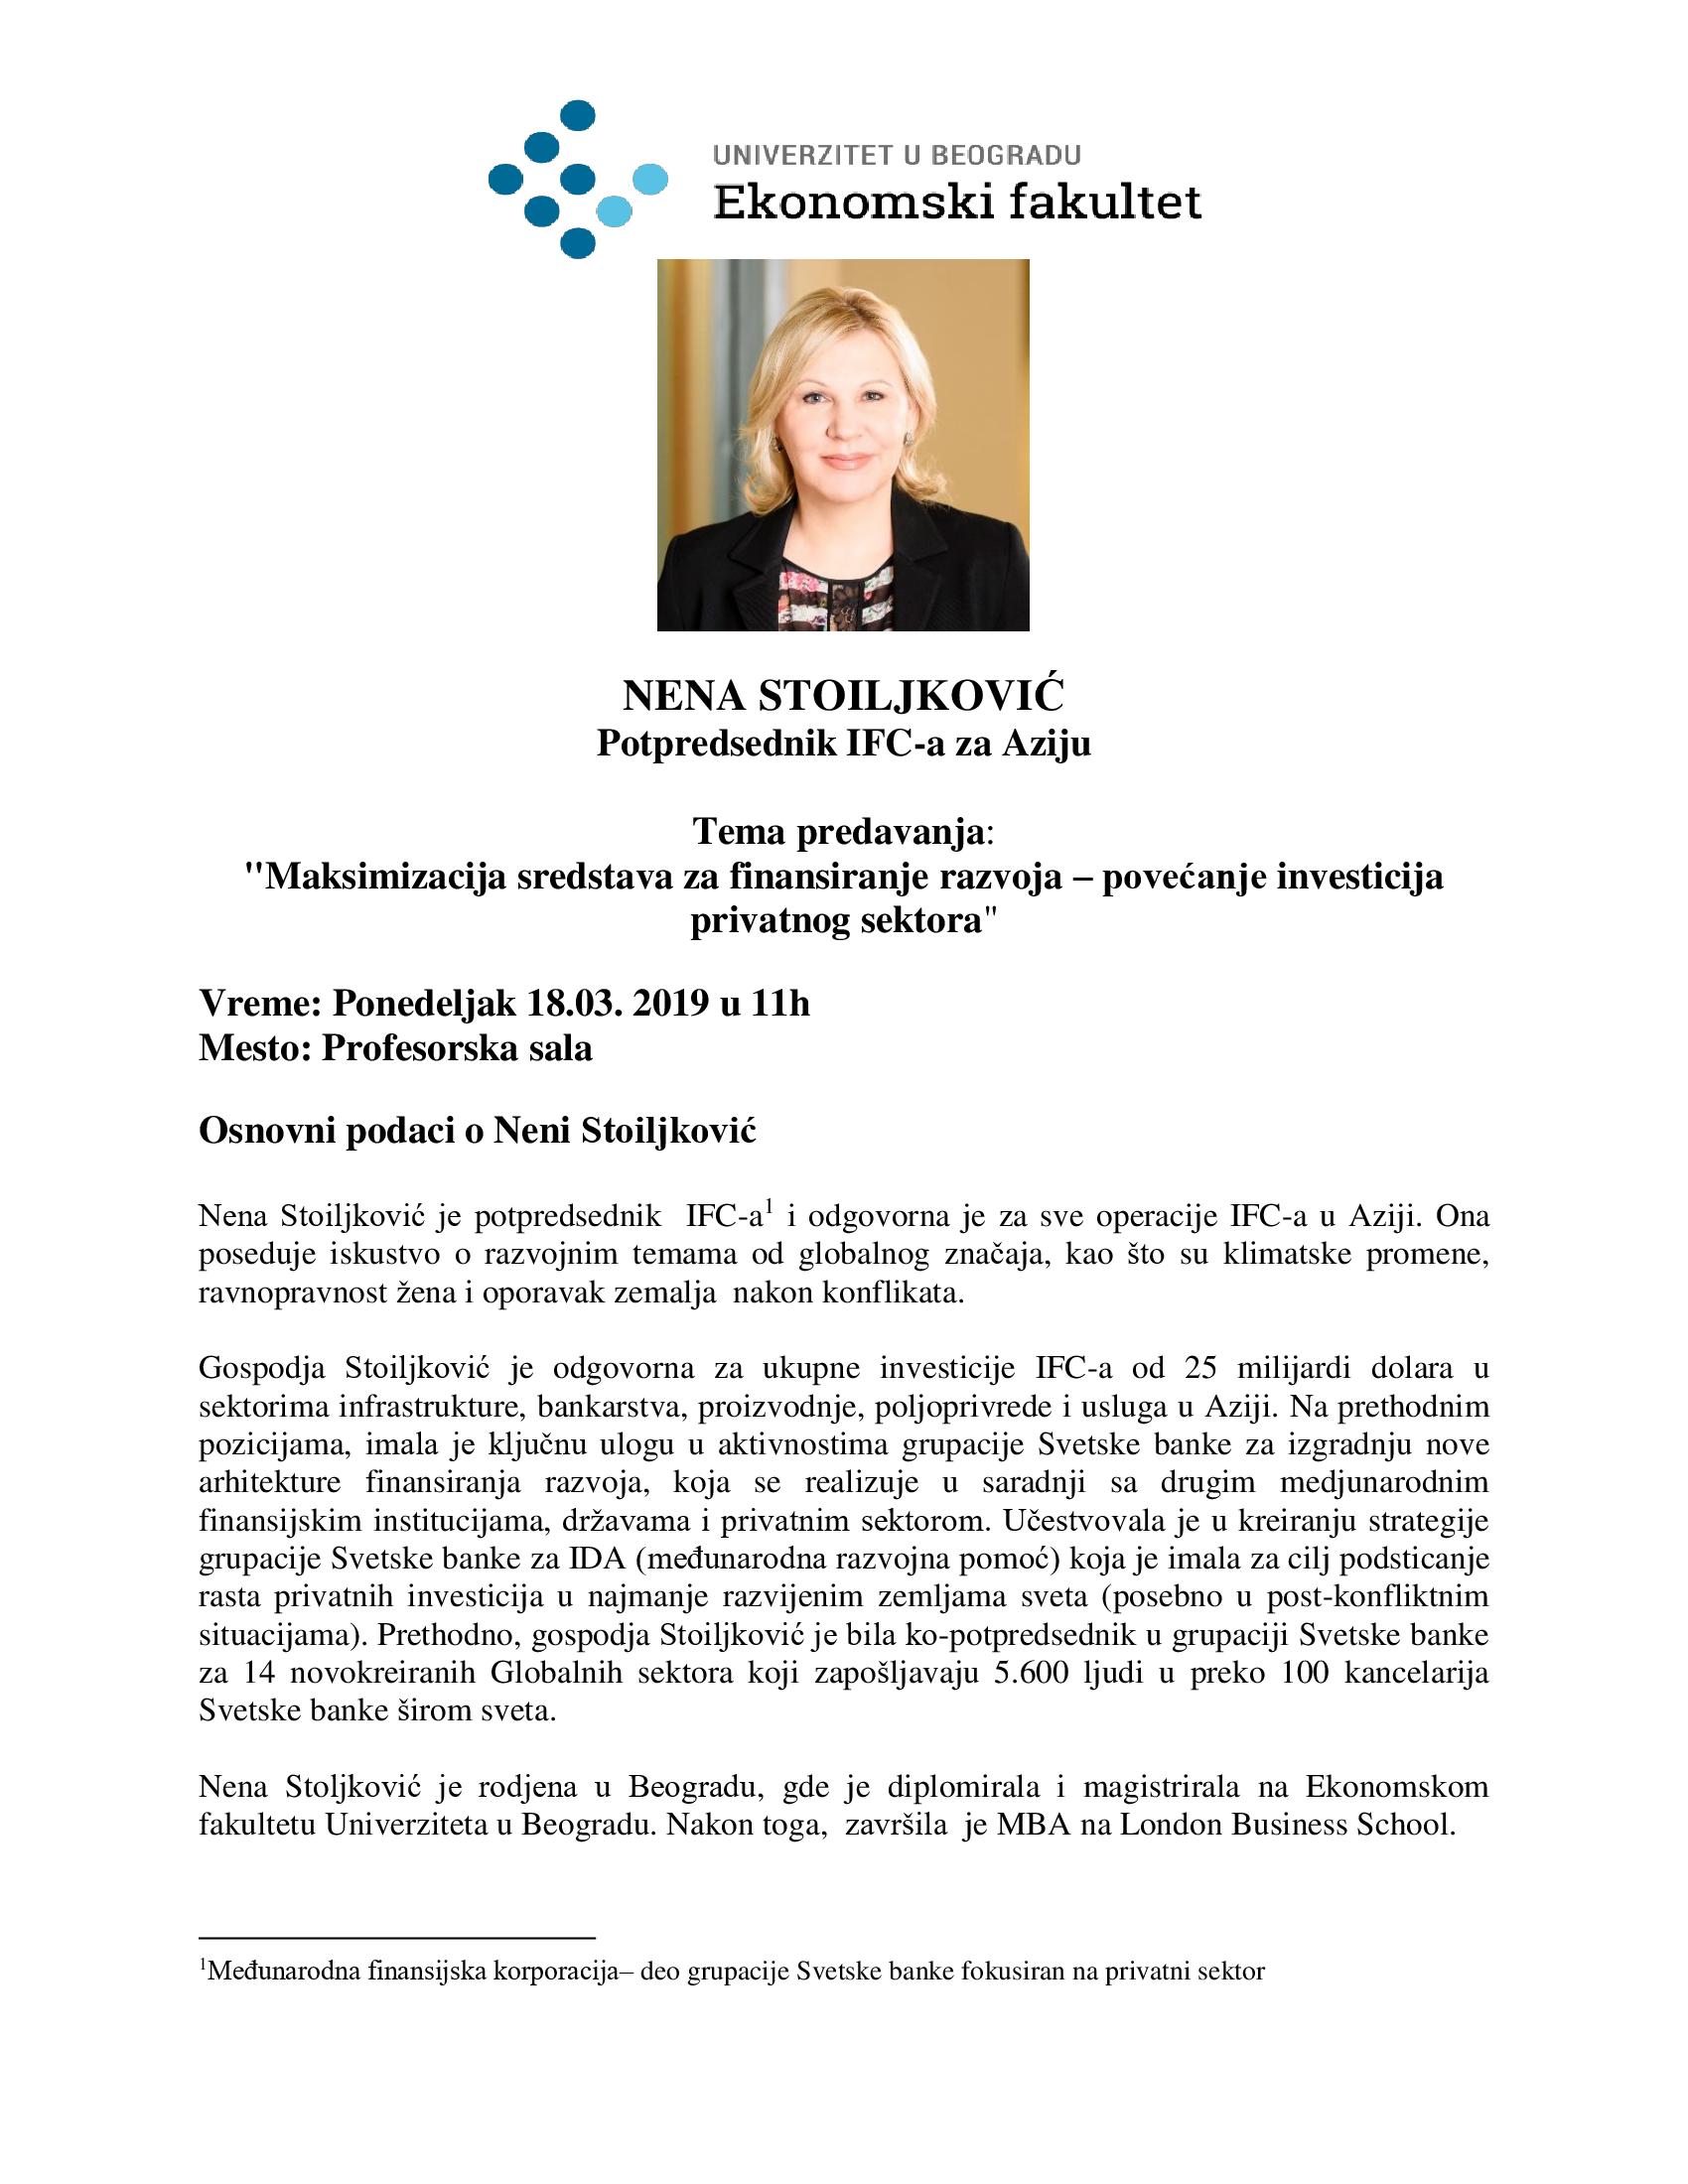 NENA-STOILJKOVIC-BIO-SRB-_1__1